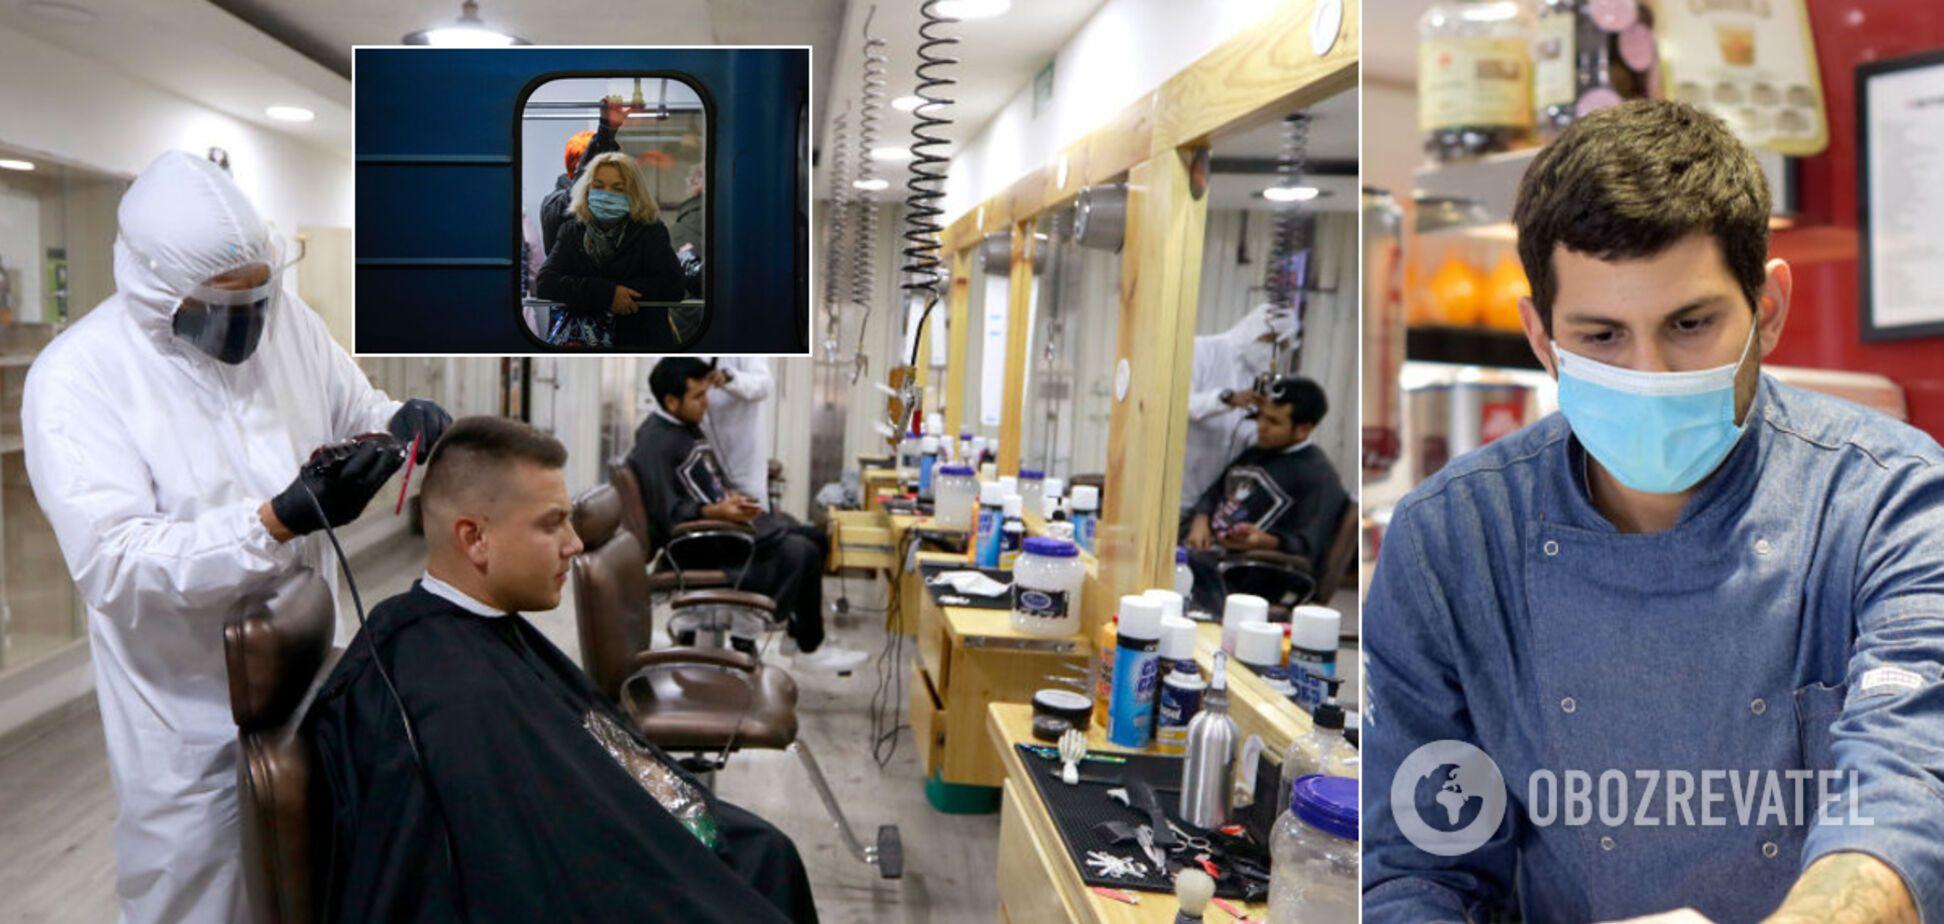 Можно ли подцепить COVID-19 в парикмахерской и супермаркете и чем крайне опасен лифт. Интервью с экс-главным санврачом Украины